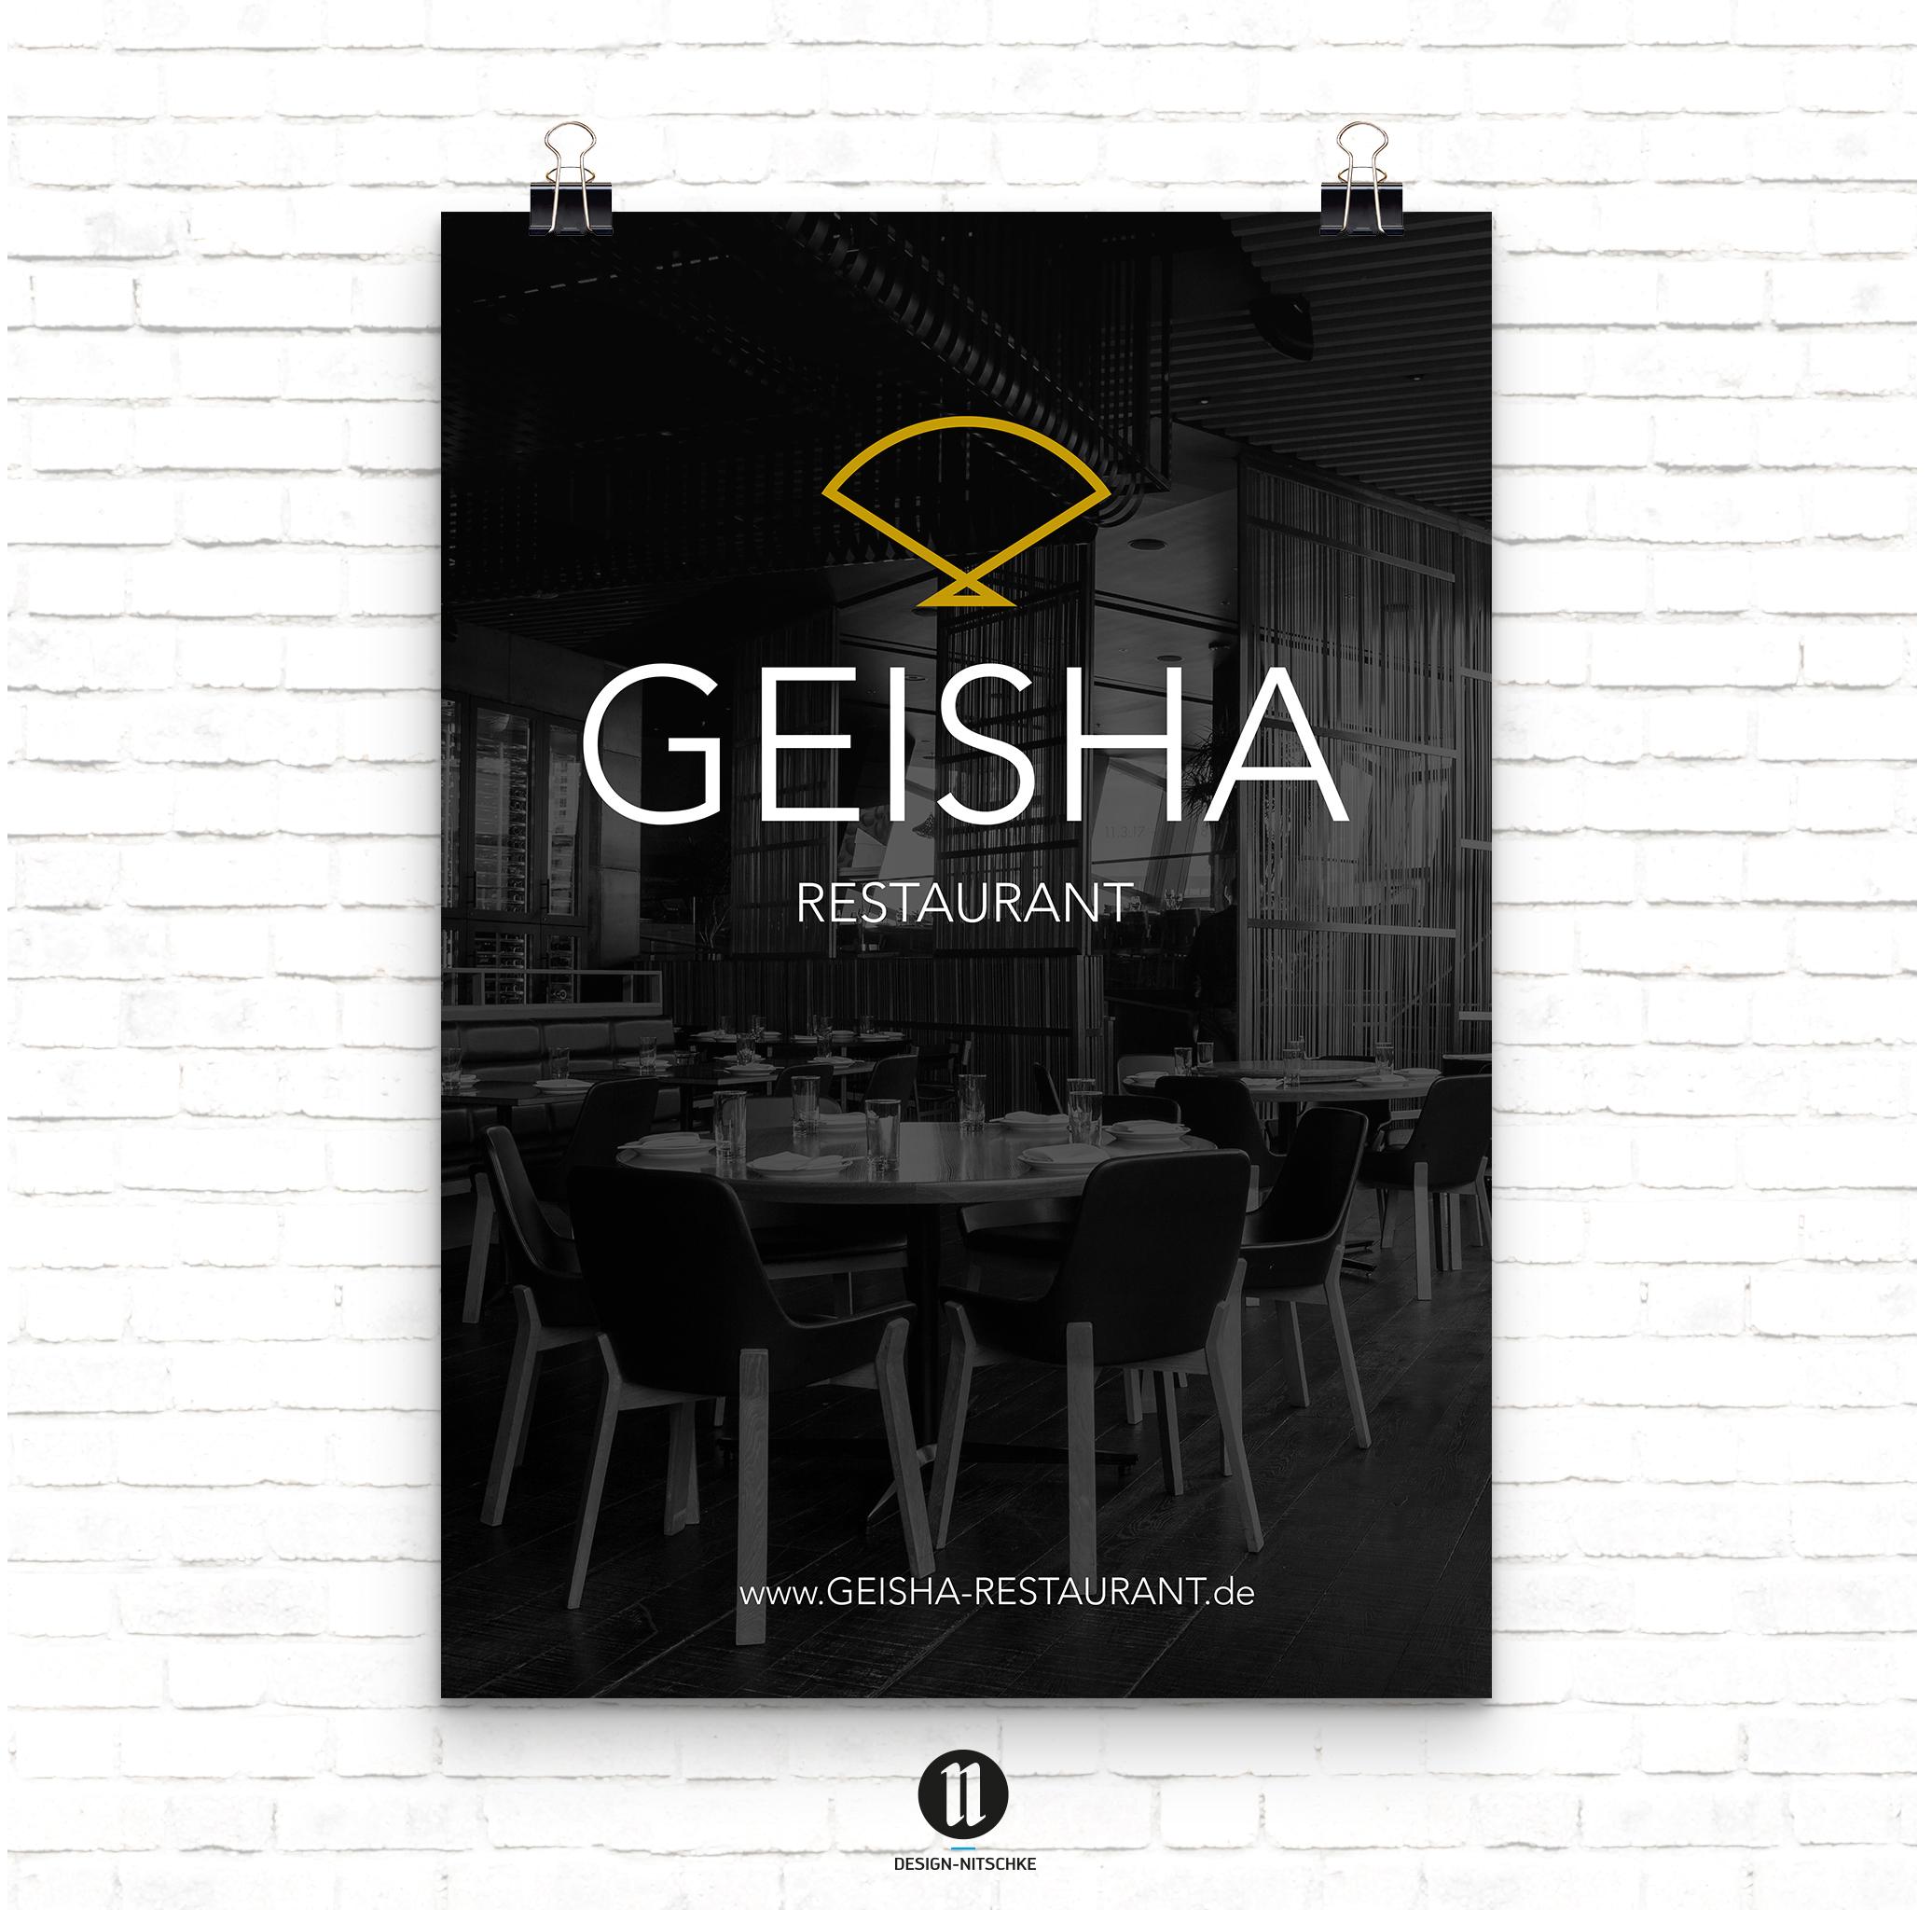 geisha_restaurant_logo_ci_design_werbeagentur_oranienburg_nitschke_plakat_schwarz_weiss_neu.jpg